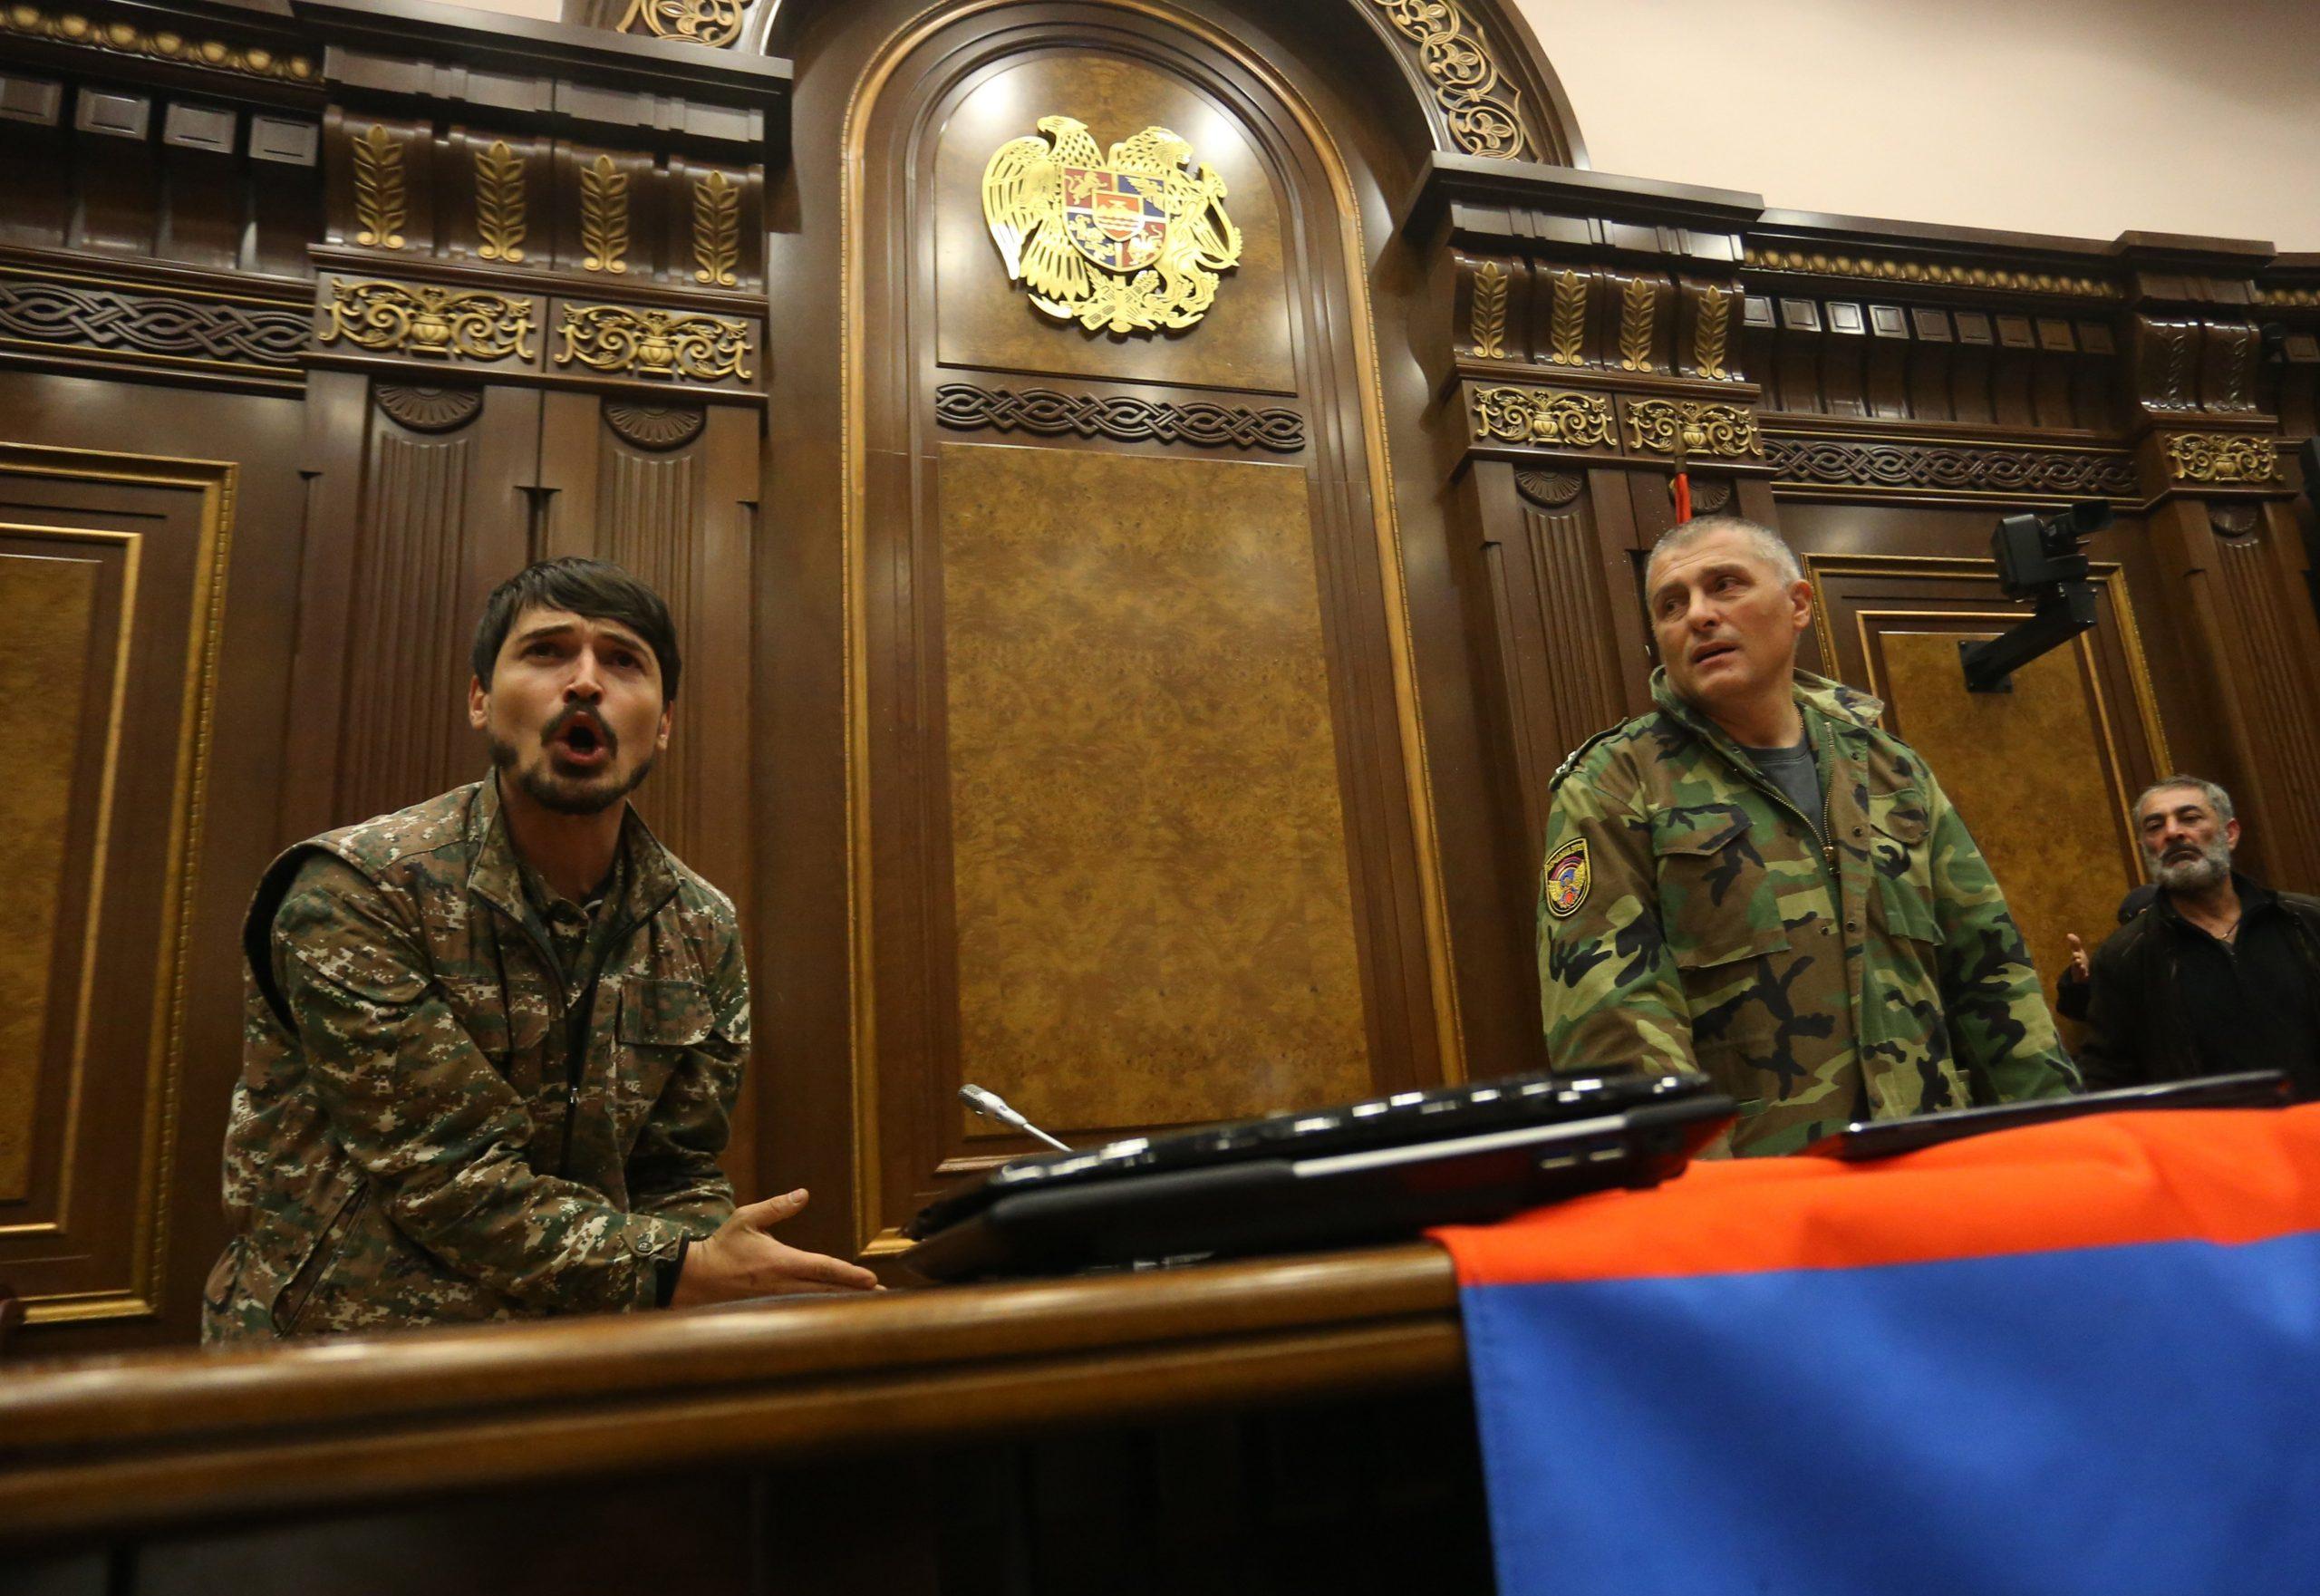 Η οδυνηρή για τους Αρμενίους συνθηκολόγηση στο Αρτσάχ: Παρασκήνιο, παράγοντες και αμυντικά συμπεράσματα